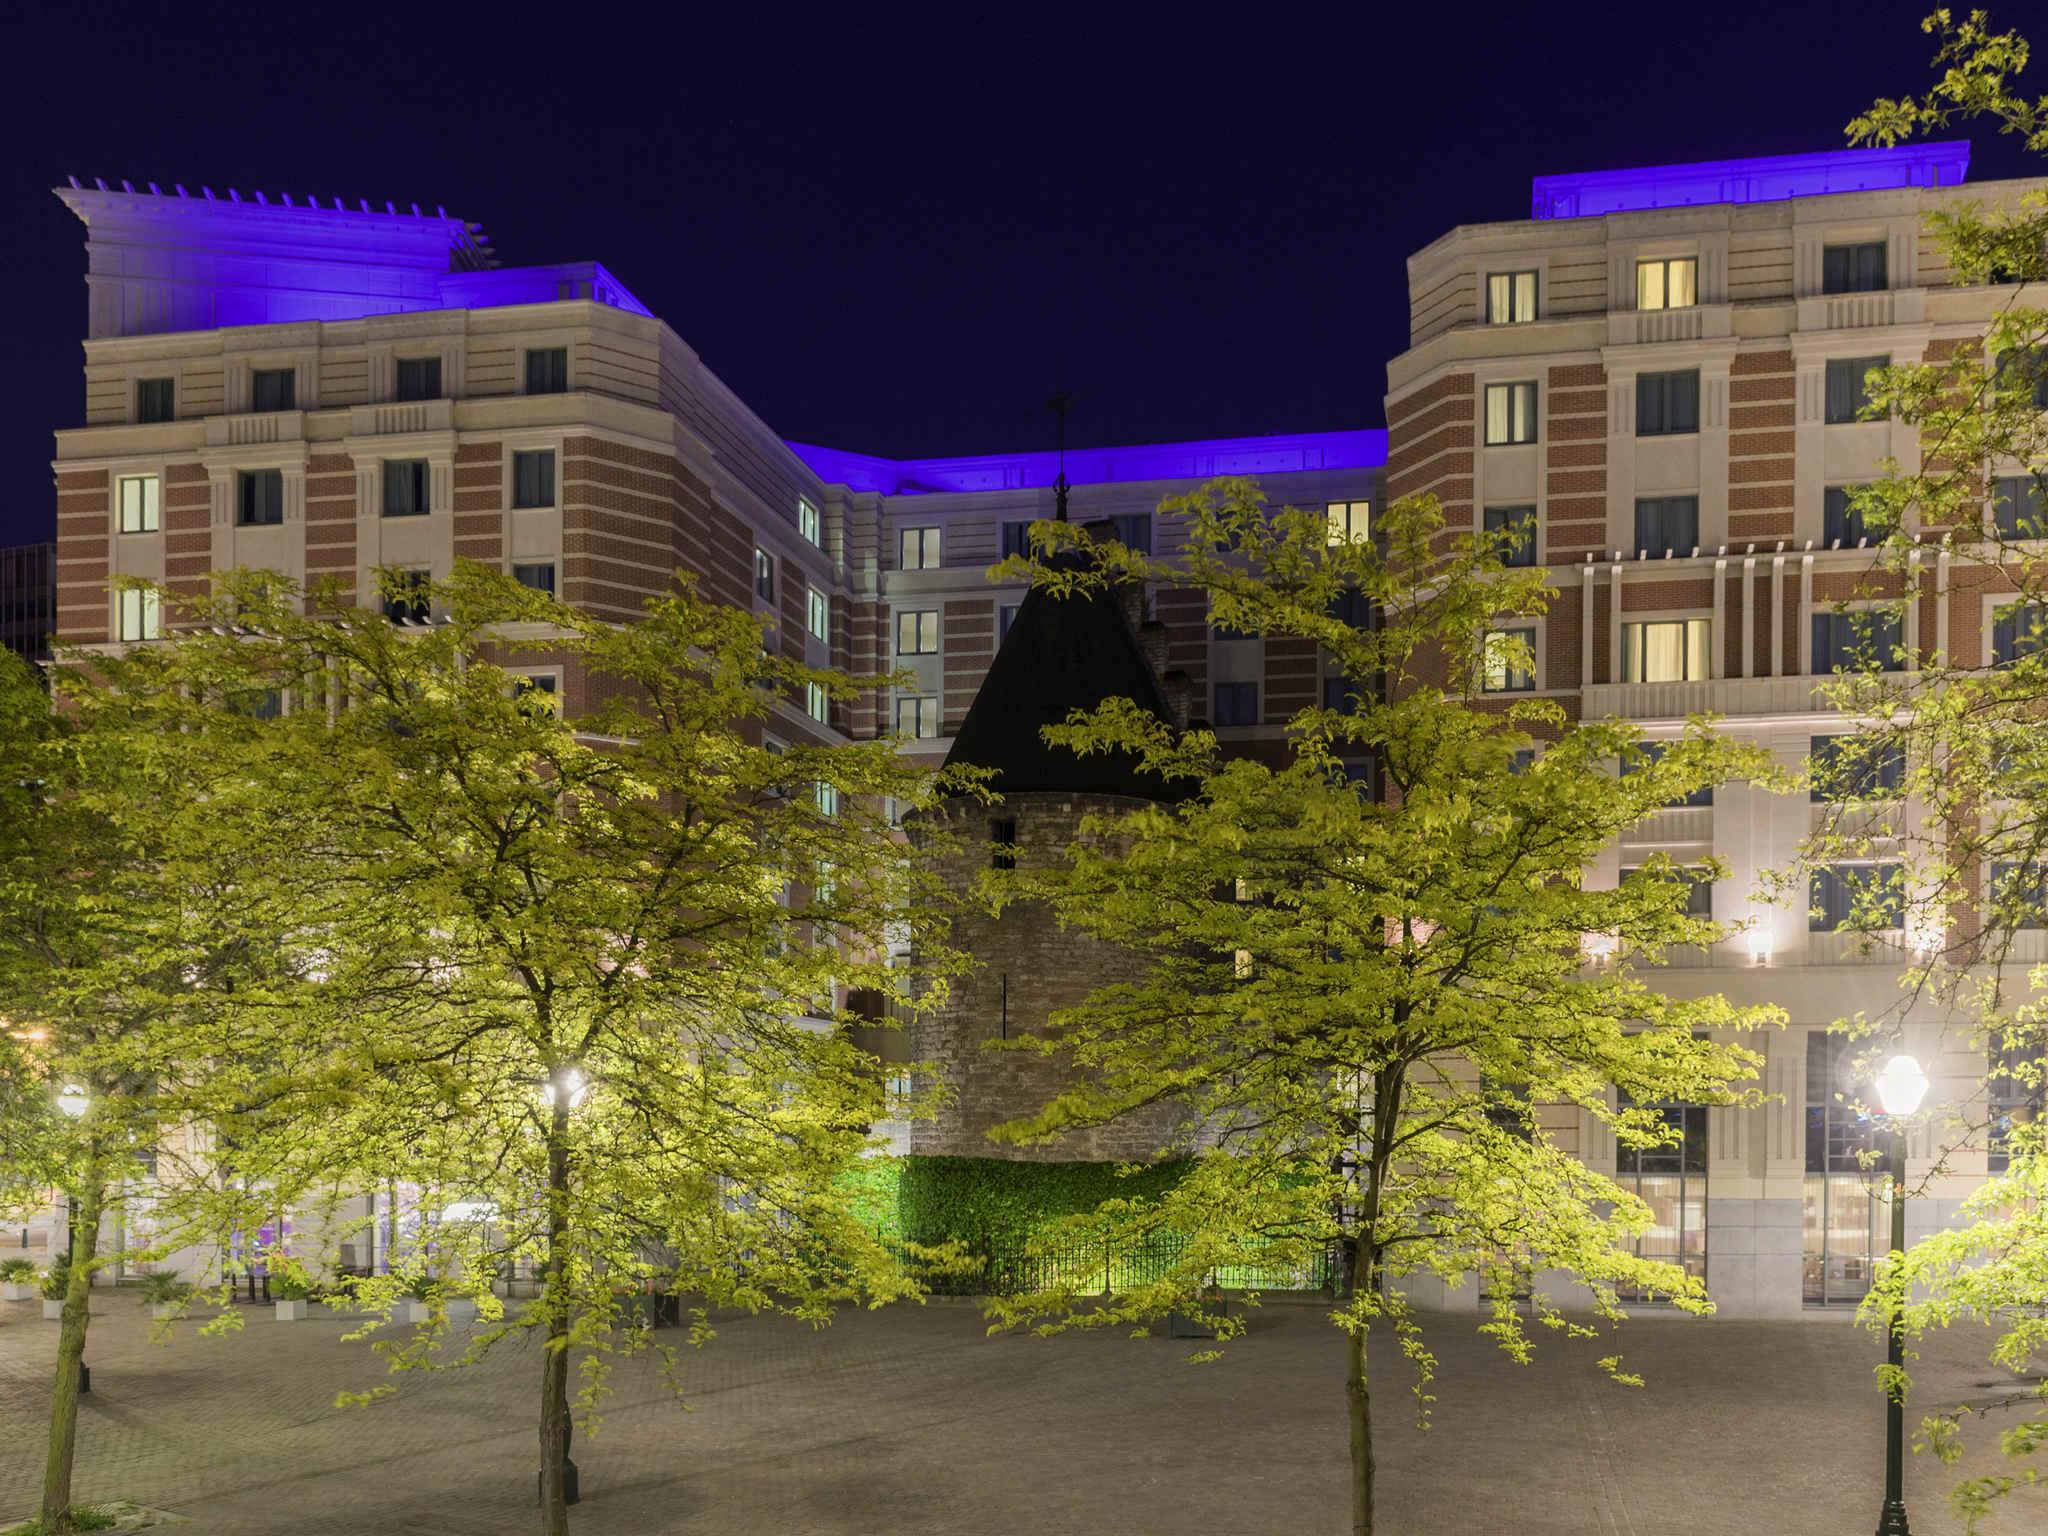 فندق - نوفوتيل Novotel بروكسل سيتي سنتر